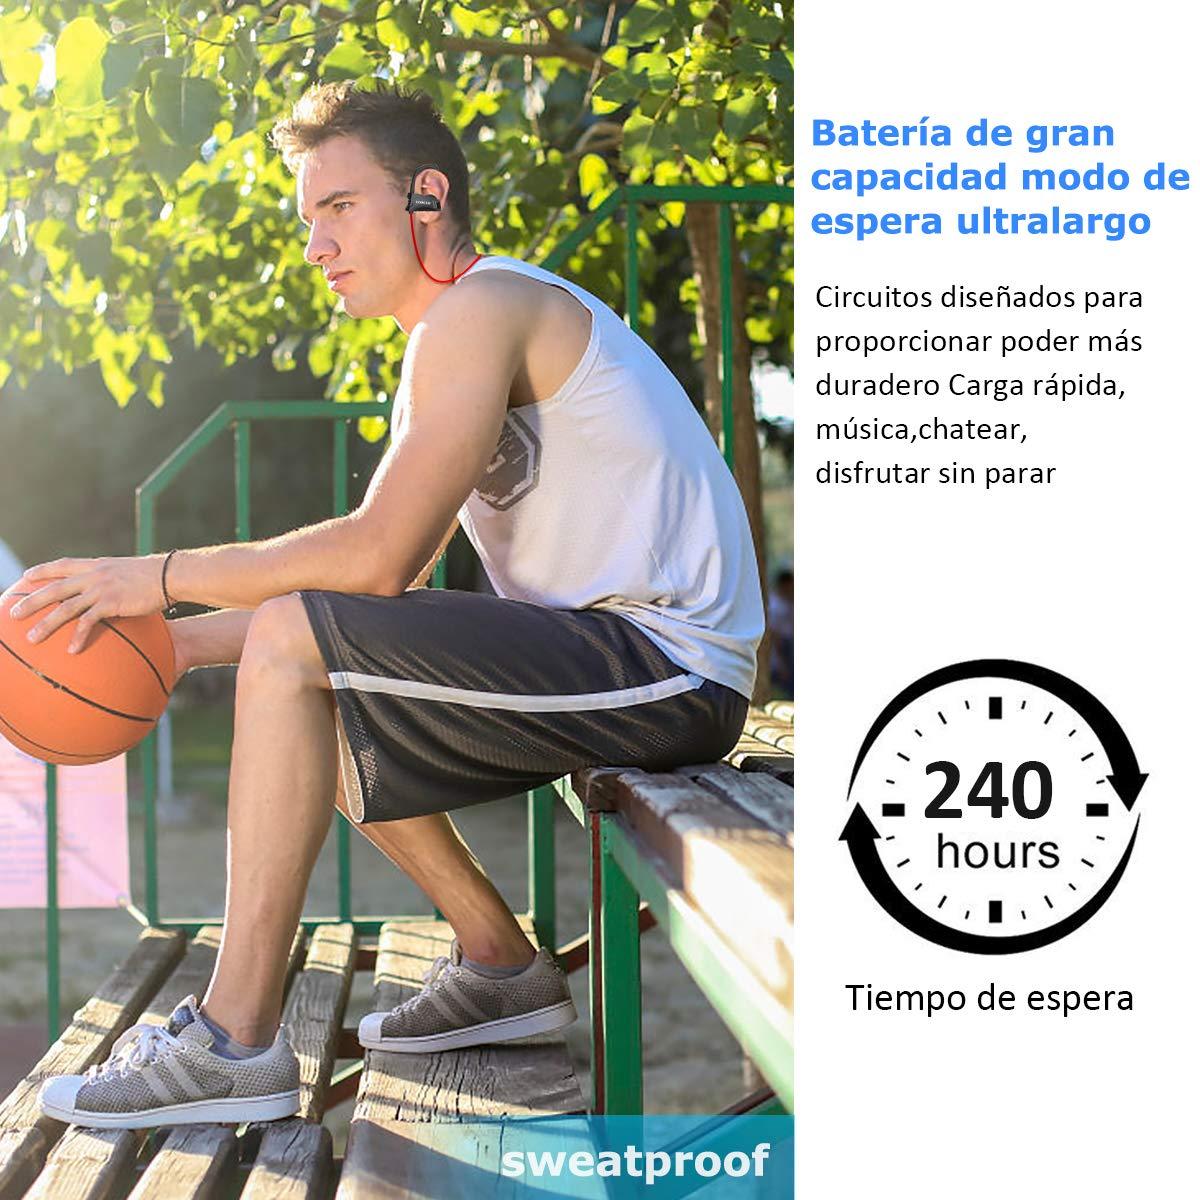 LOBKIN Auriculares Bluetooth Deportivos, Resistentes Al Sudor, con Una Autonomia de hasta 6 Horas Sonido. con Tecnologia CVC 6.0 de Eliminacion de Ruido(Rojo)